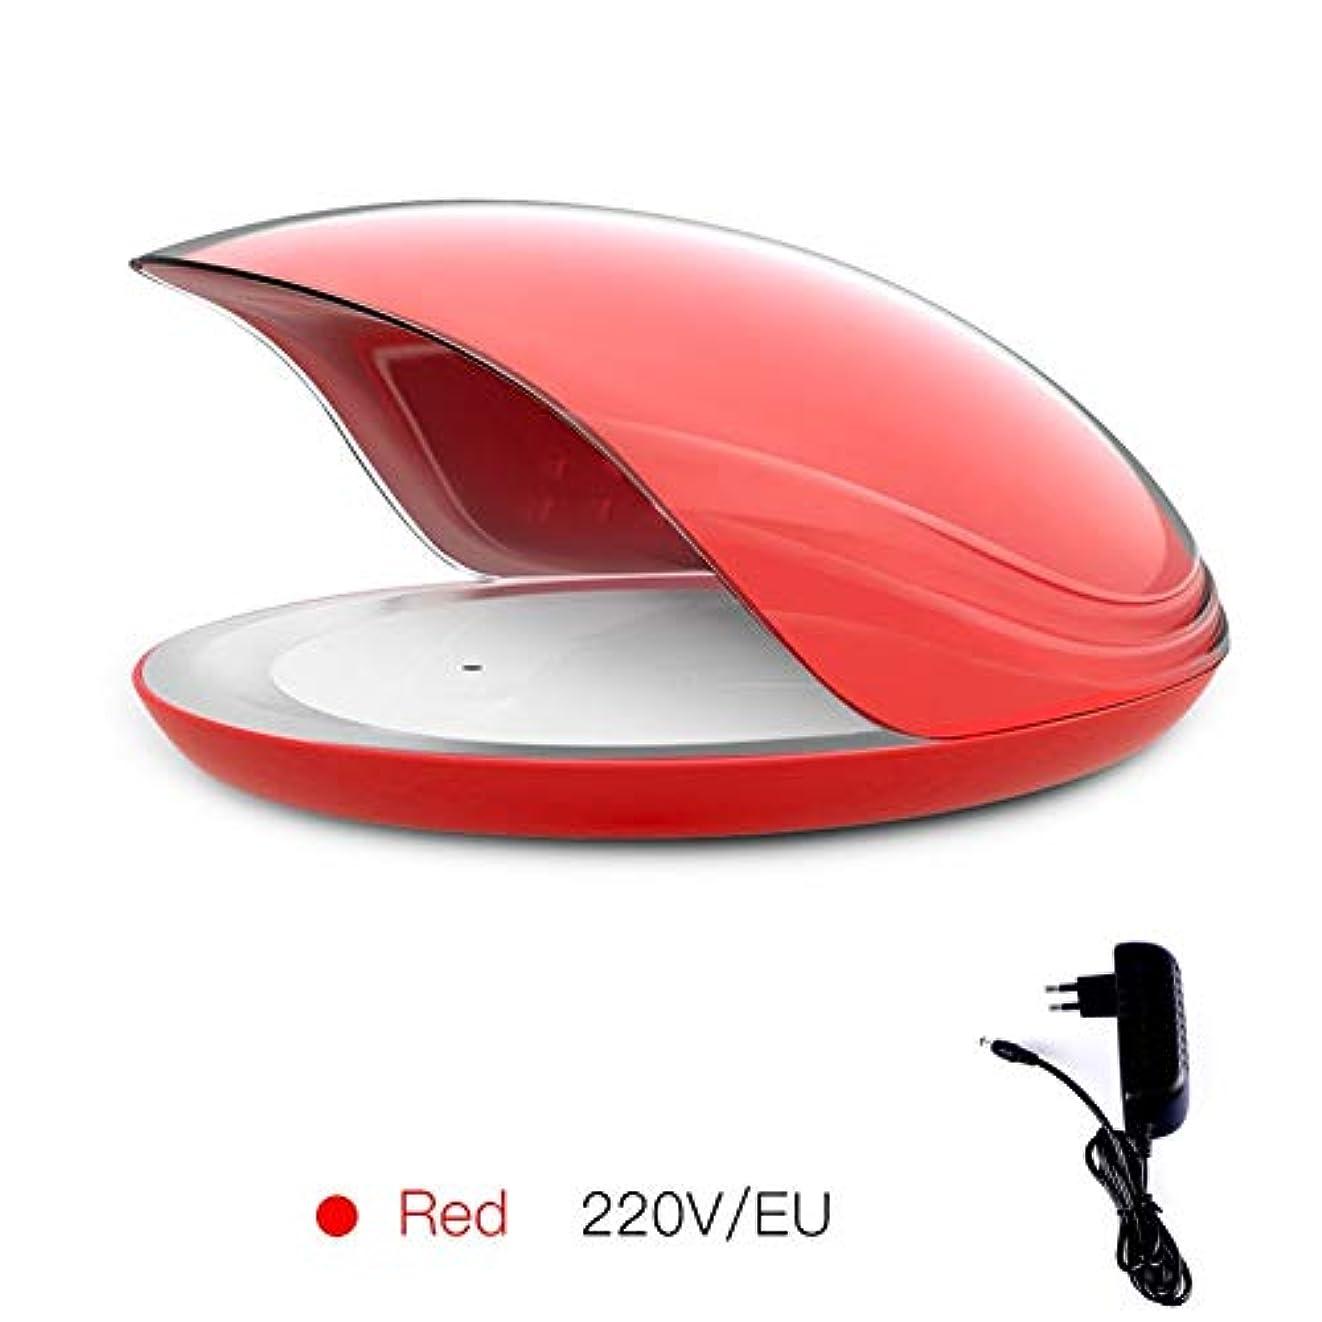 正規化増加するチーフLittleCat メモリーネイルネイルポリッシュプラスチックドライヤーランプのツールインテリジェント80WネイルUVライトセンシングタイミング (色 : Red round insert)